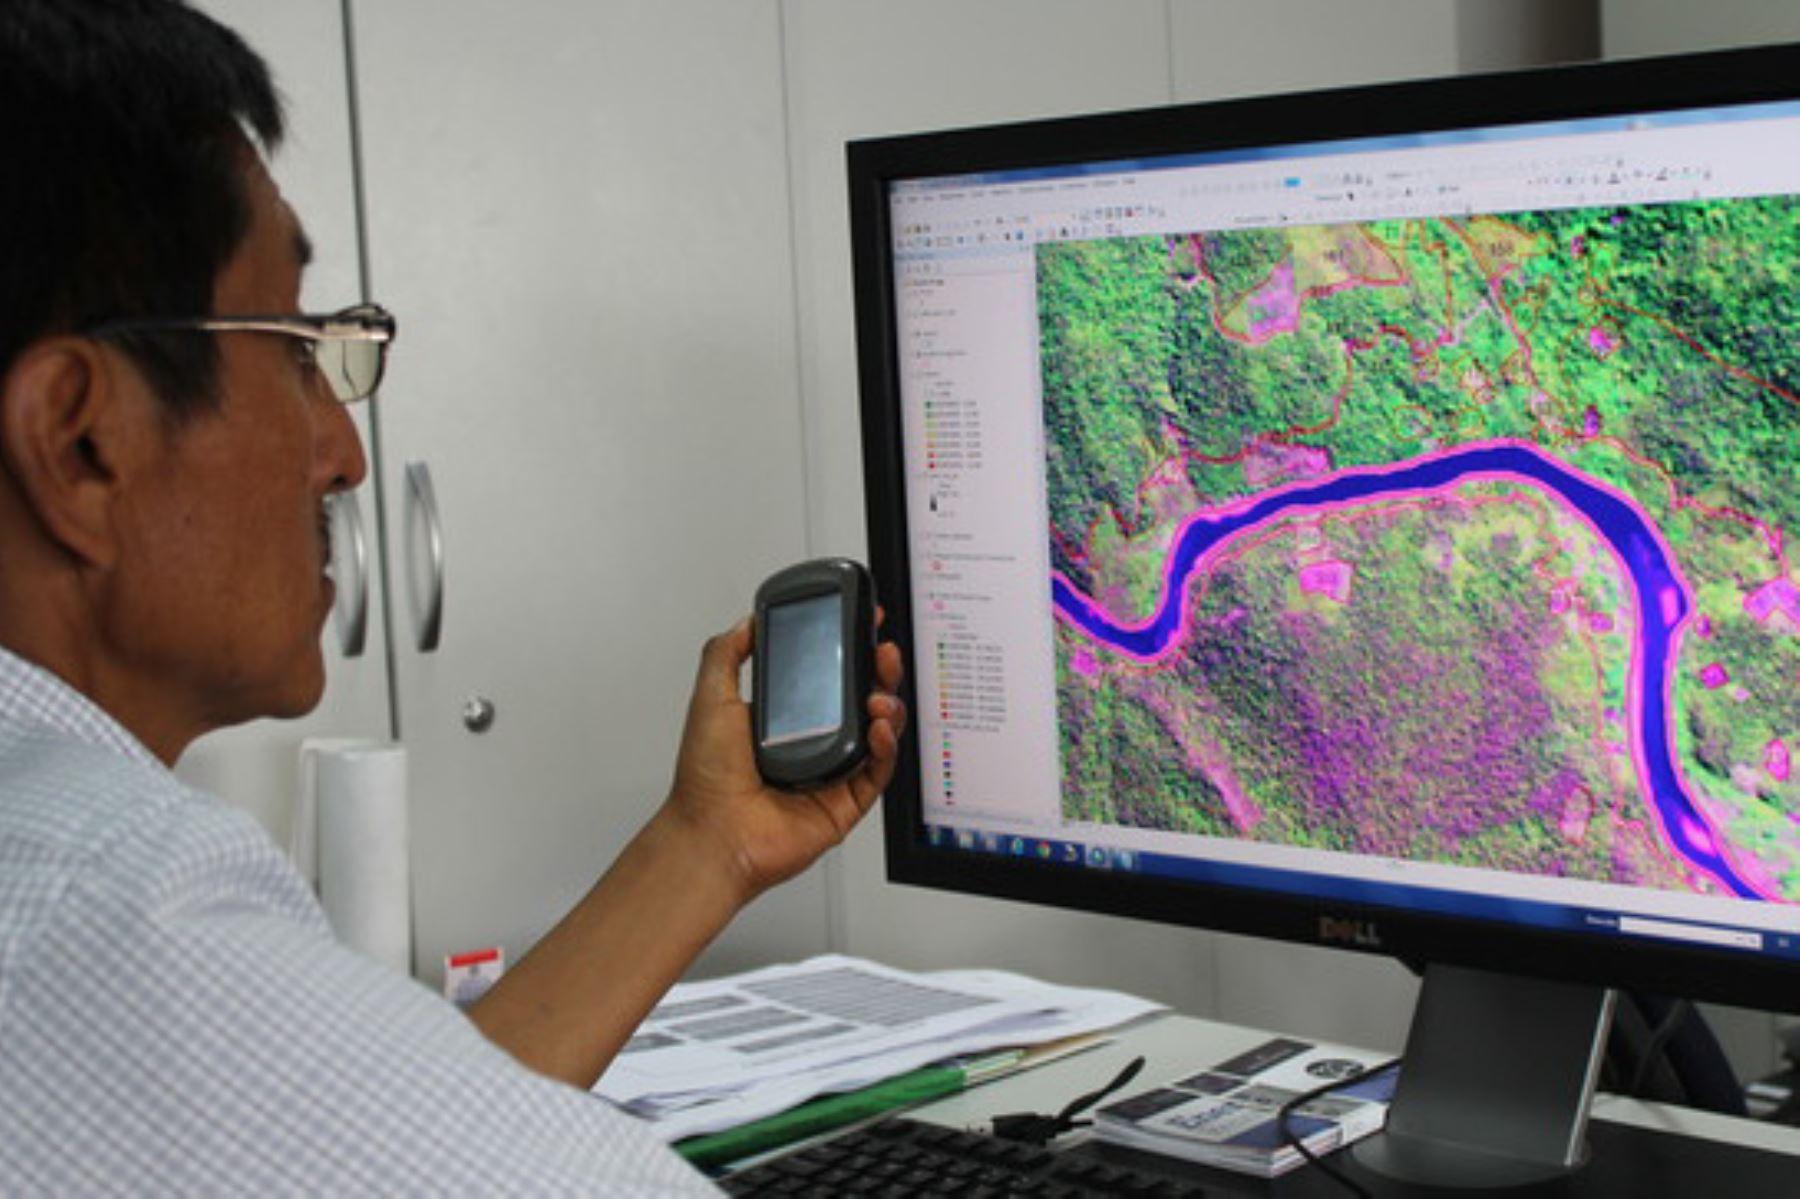 Las alertas tempranas de deforestación son generadas por el Minam, por medio del programa Bosques y su plataforma Geobosques.